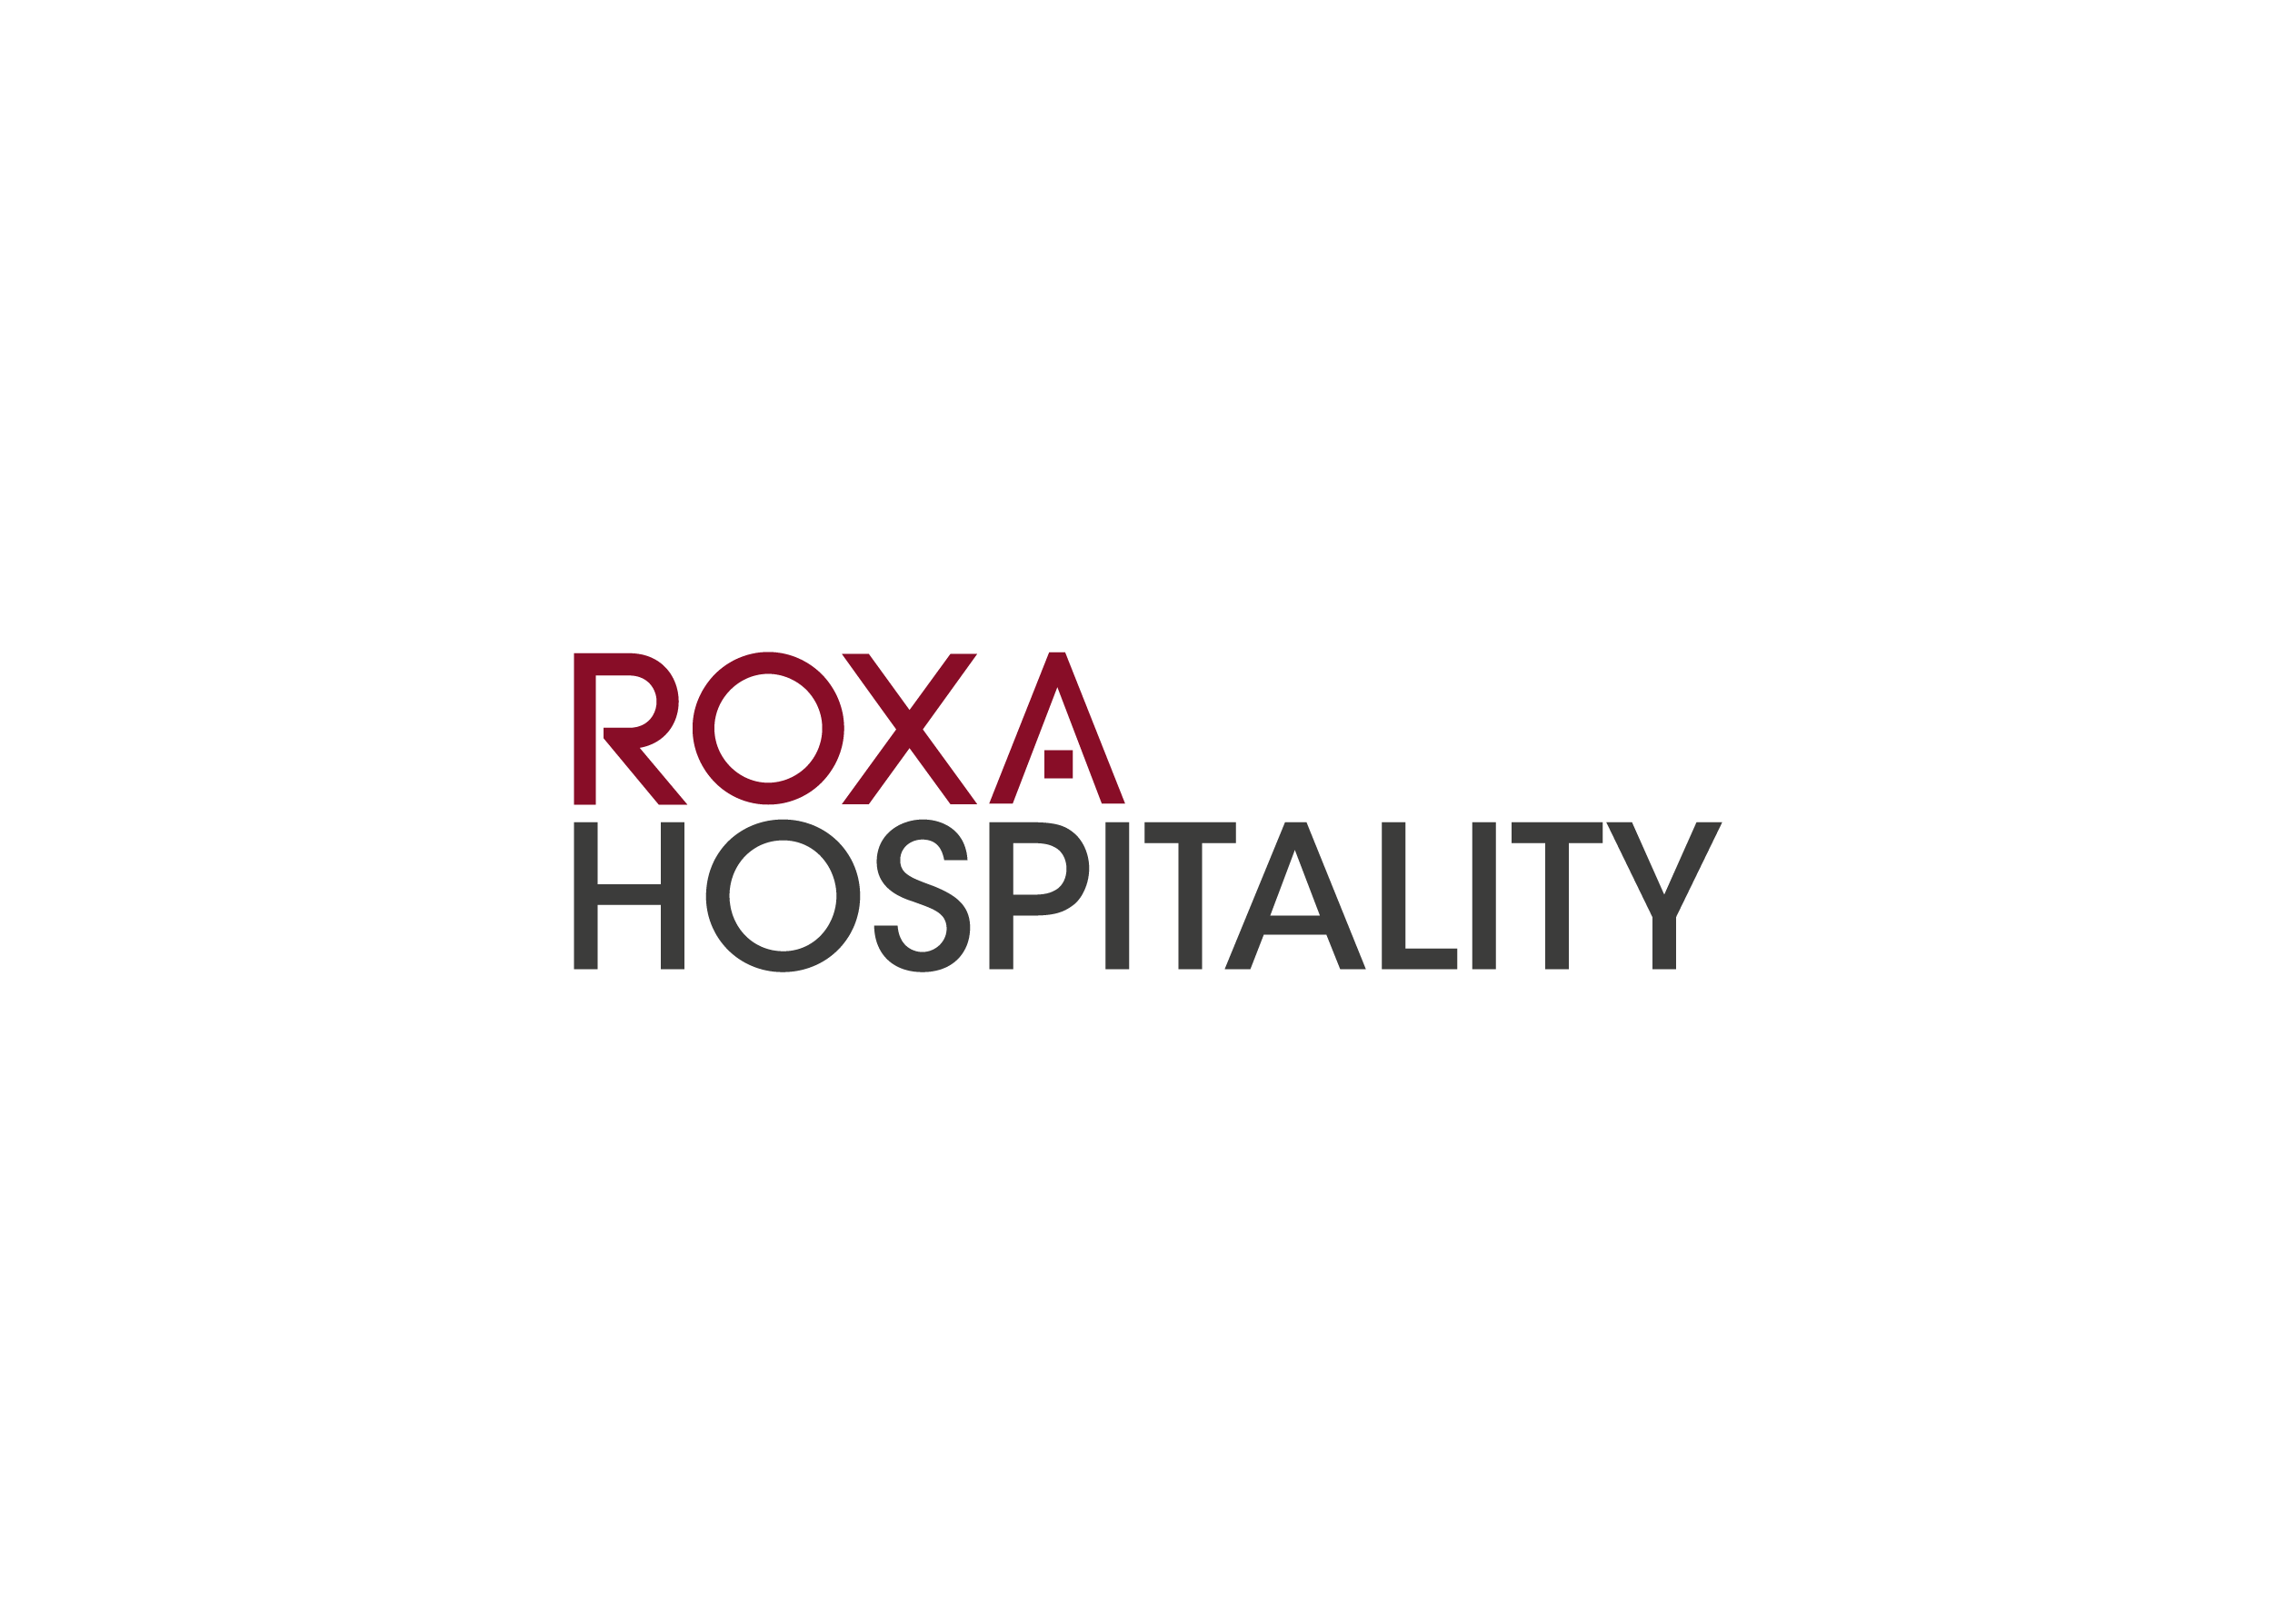 roxa-hospitality-logo